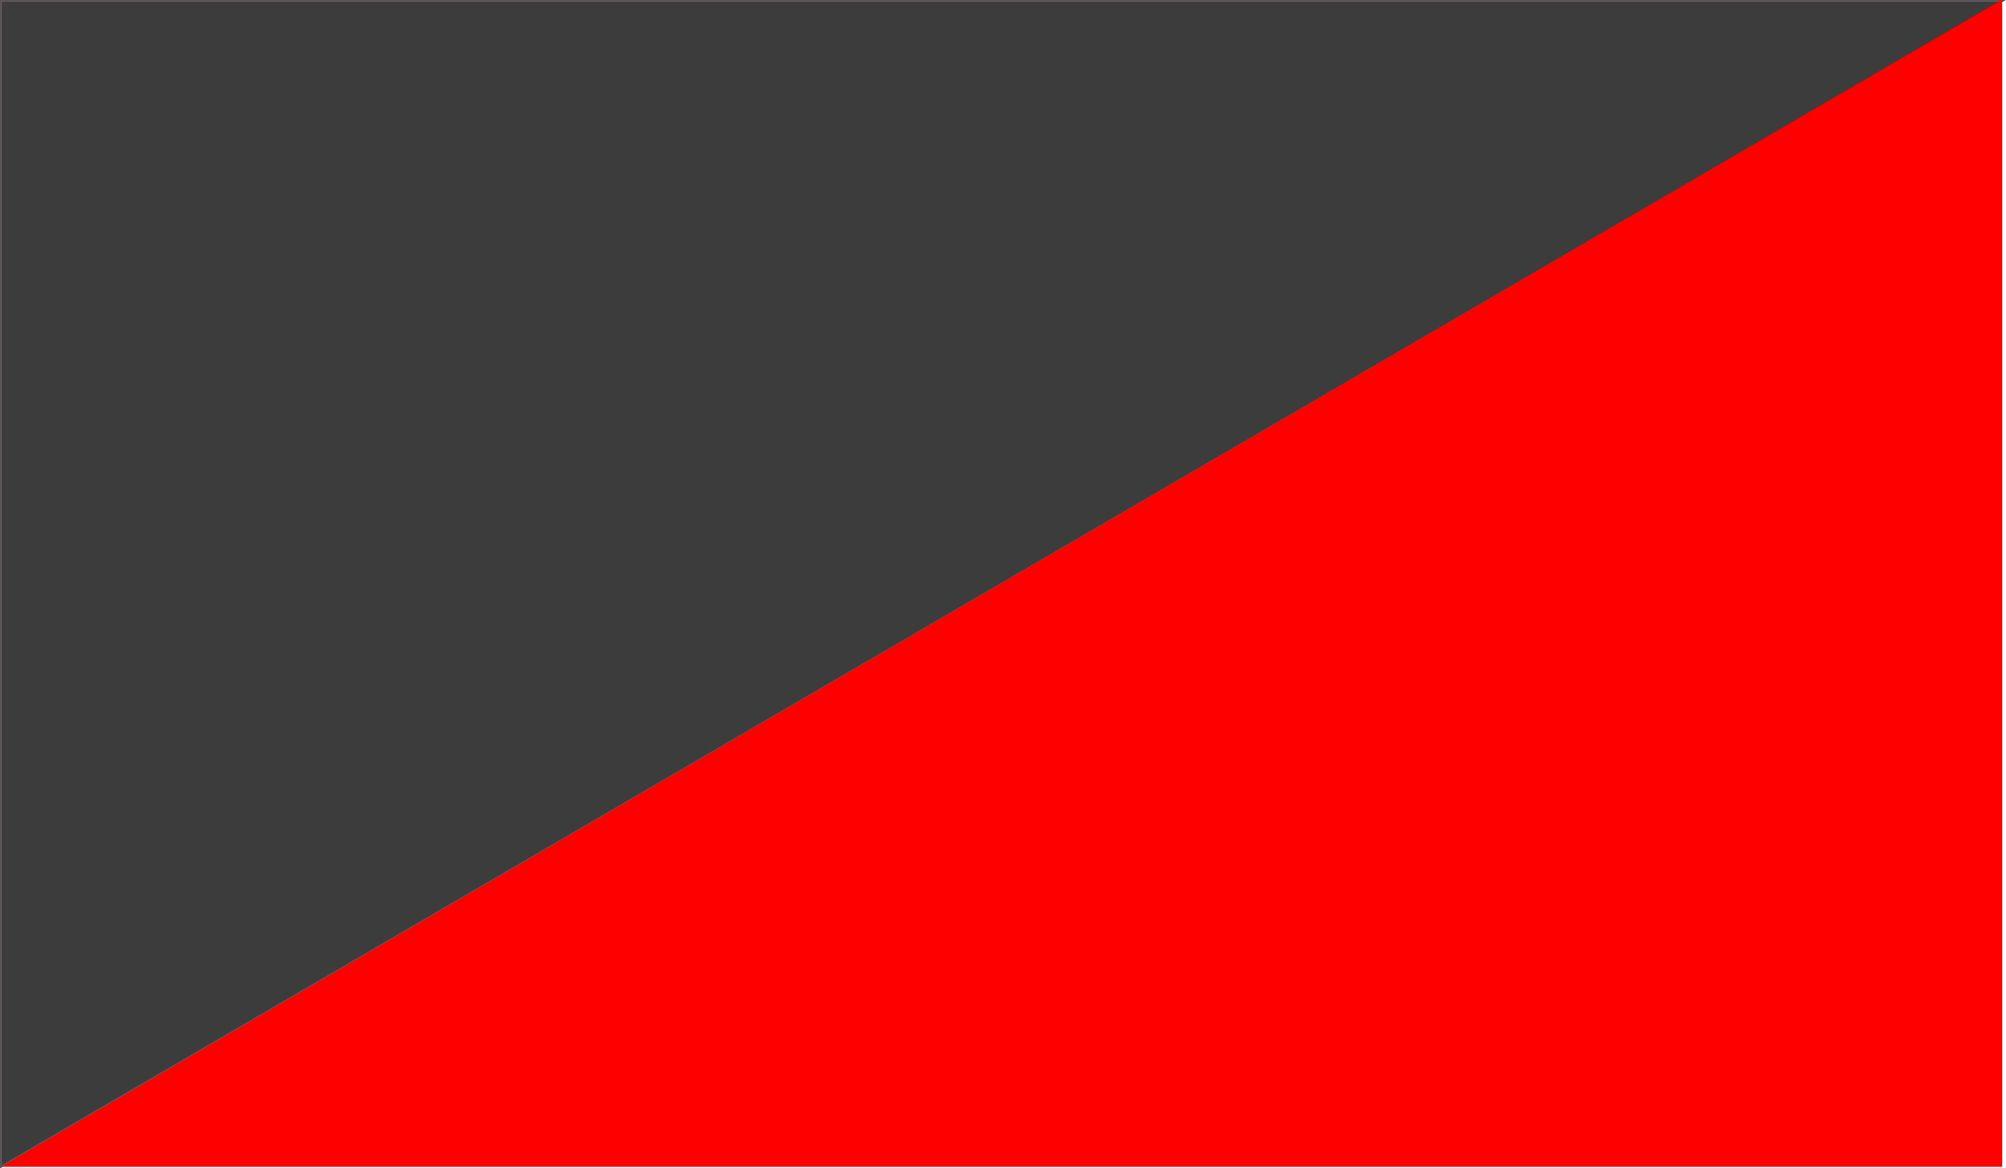 Plomo-Rojo